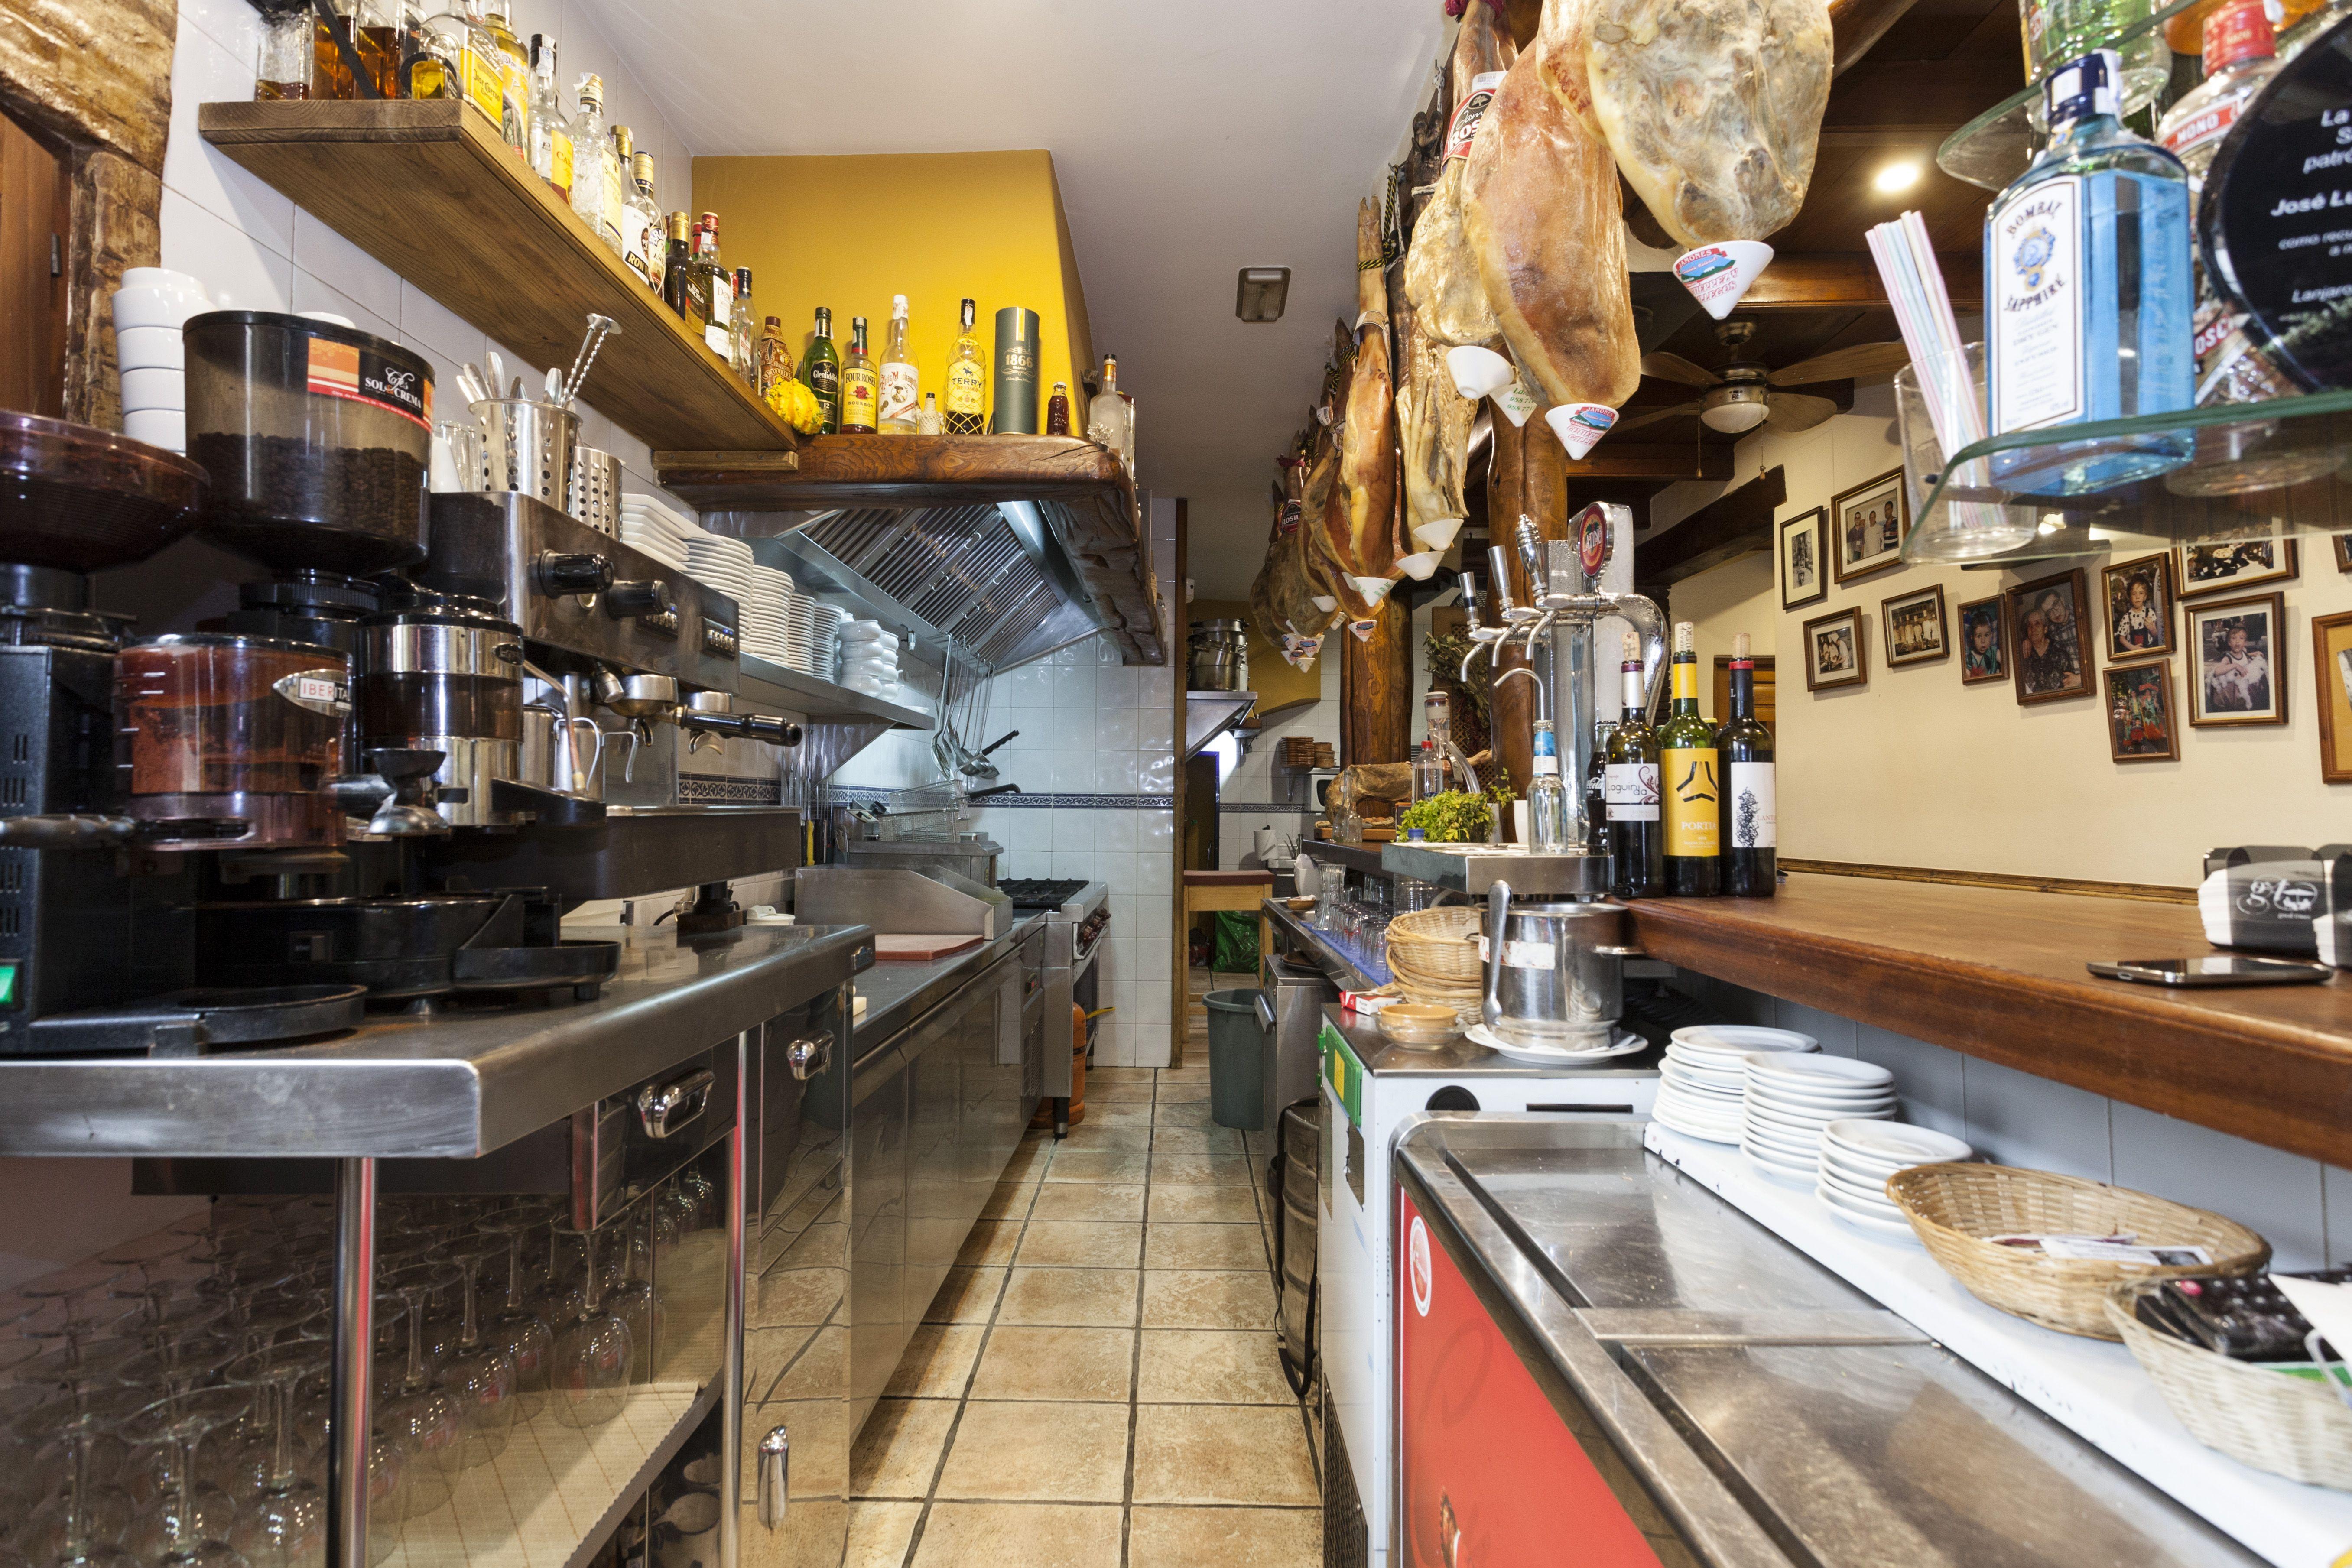 Restaurante con menú ecológico en Capileira